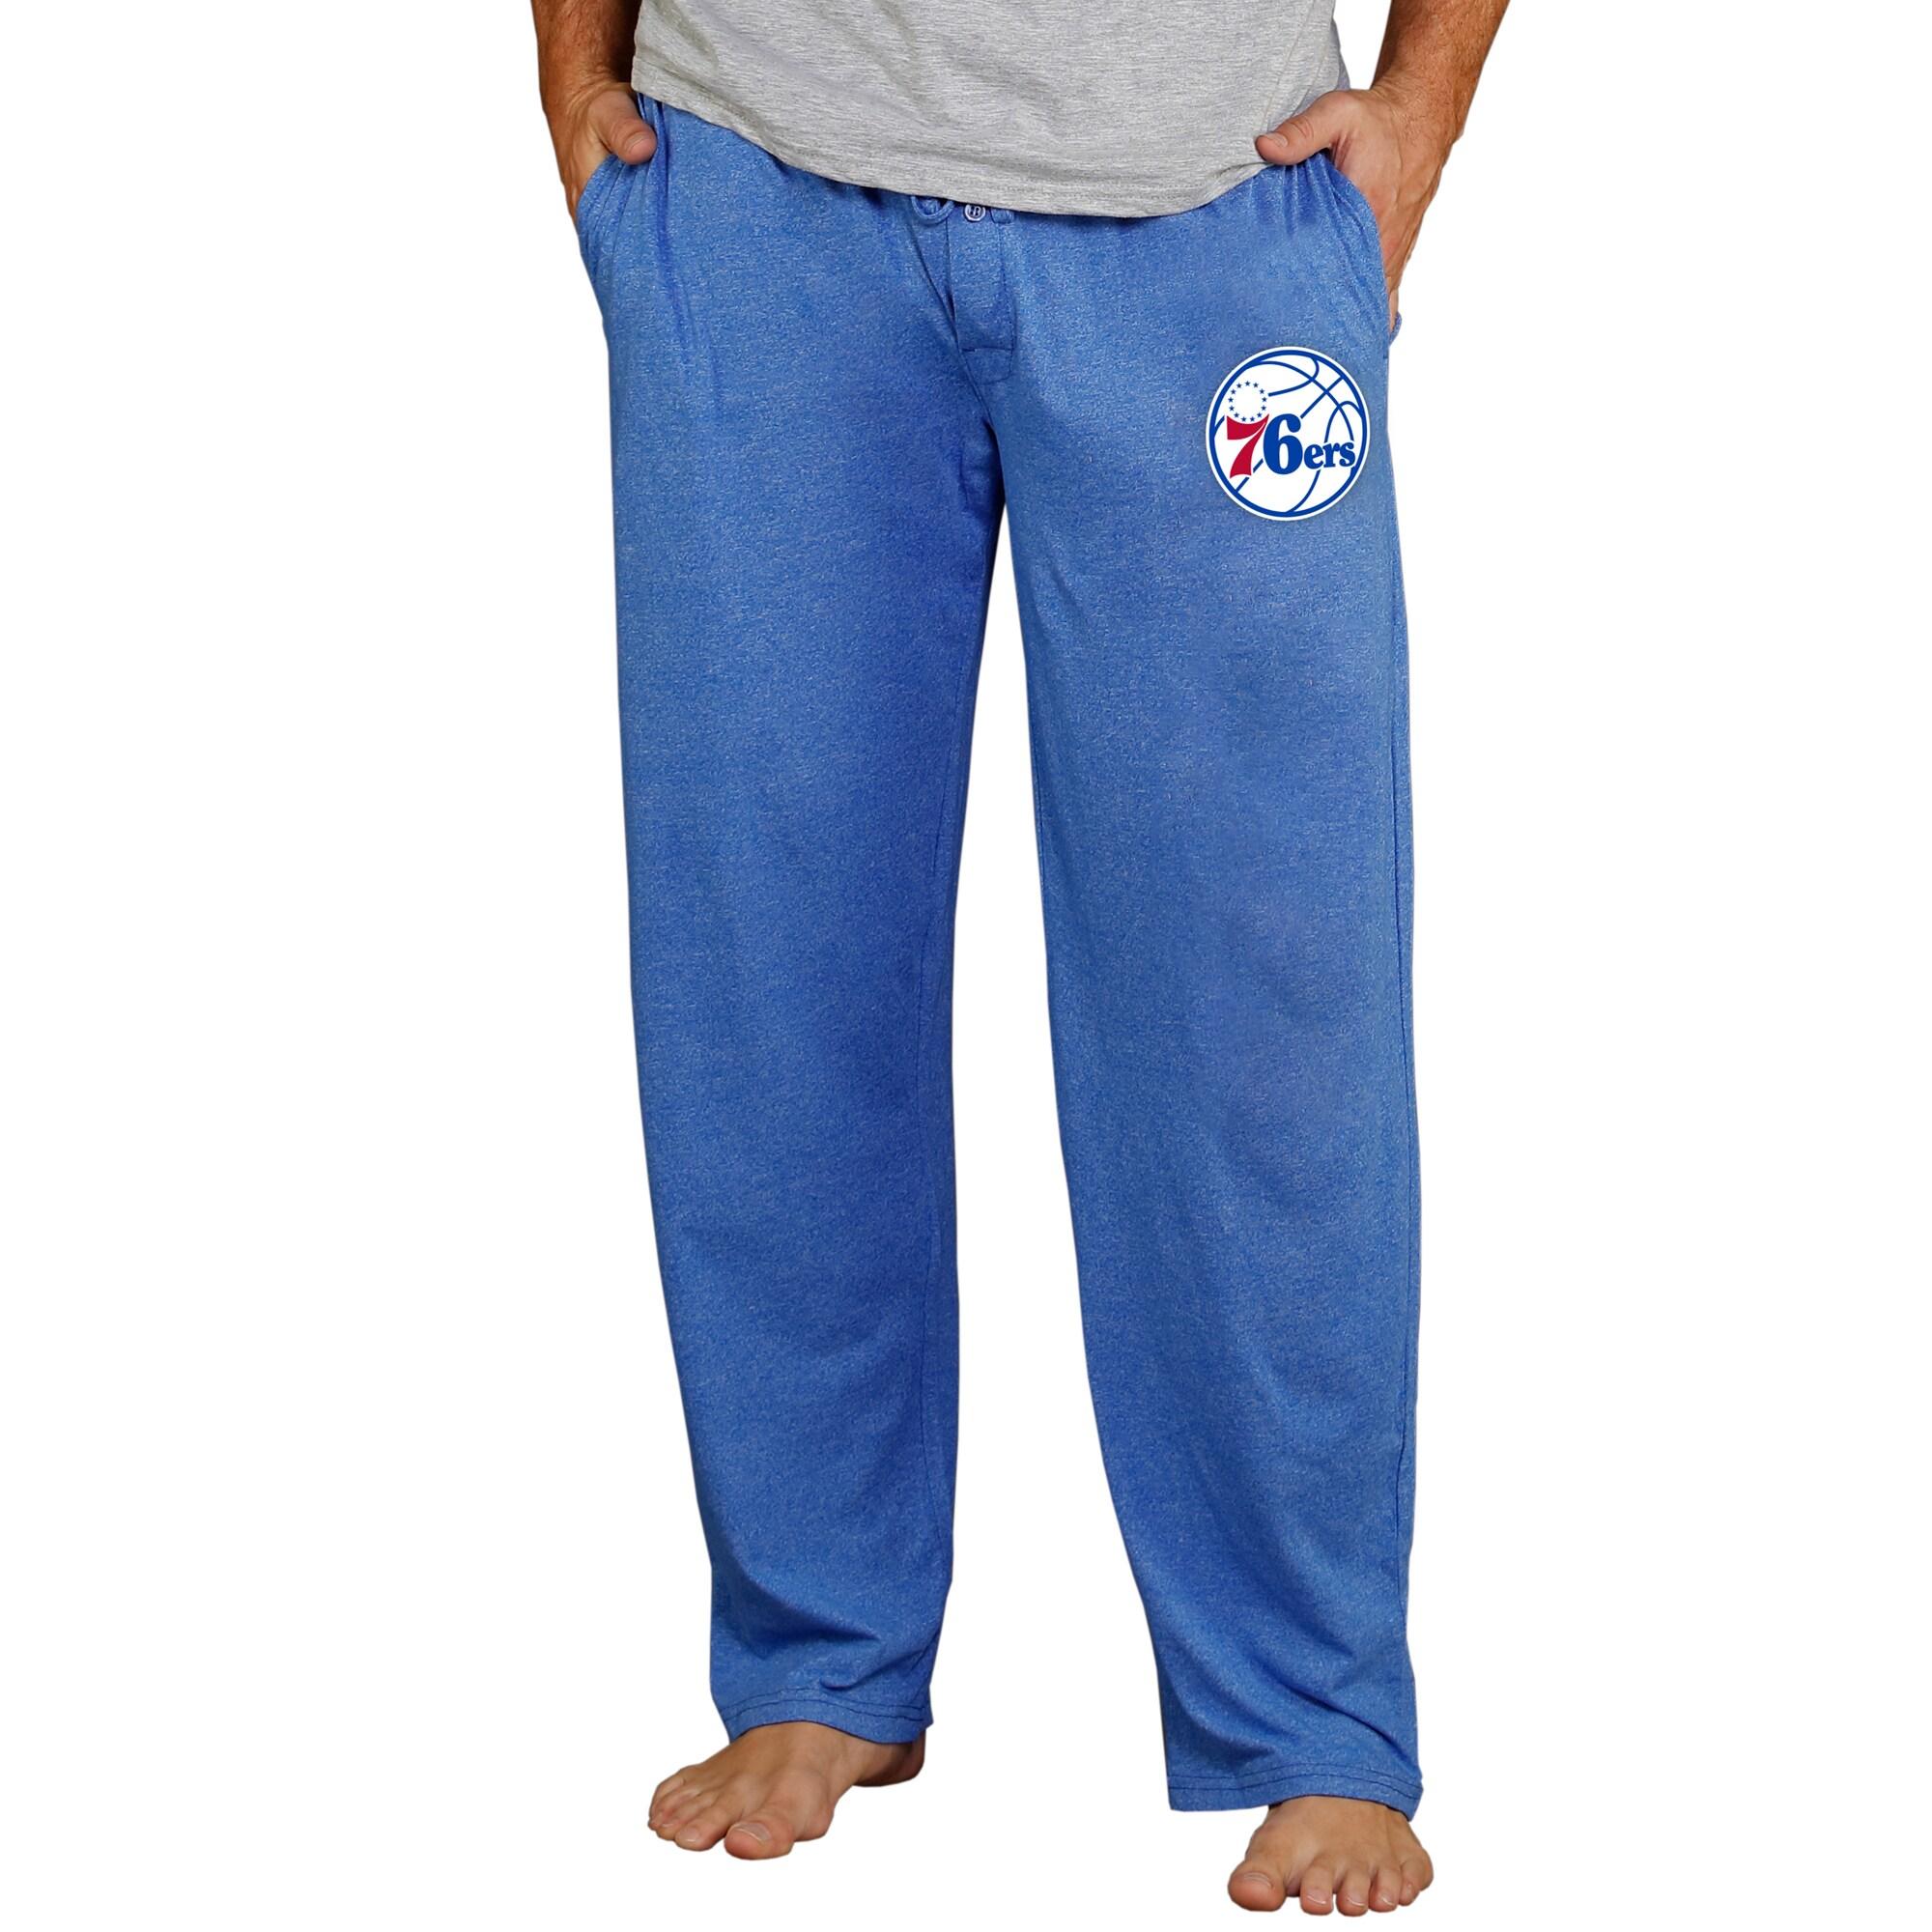 Philadelphia 76ers Concepts Sport Quest Knit Pants - Royal